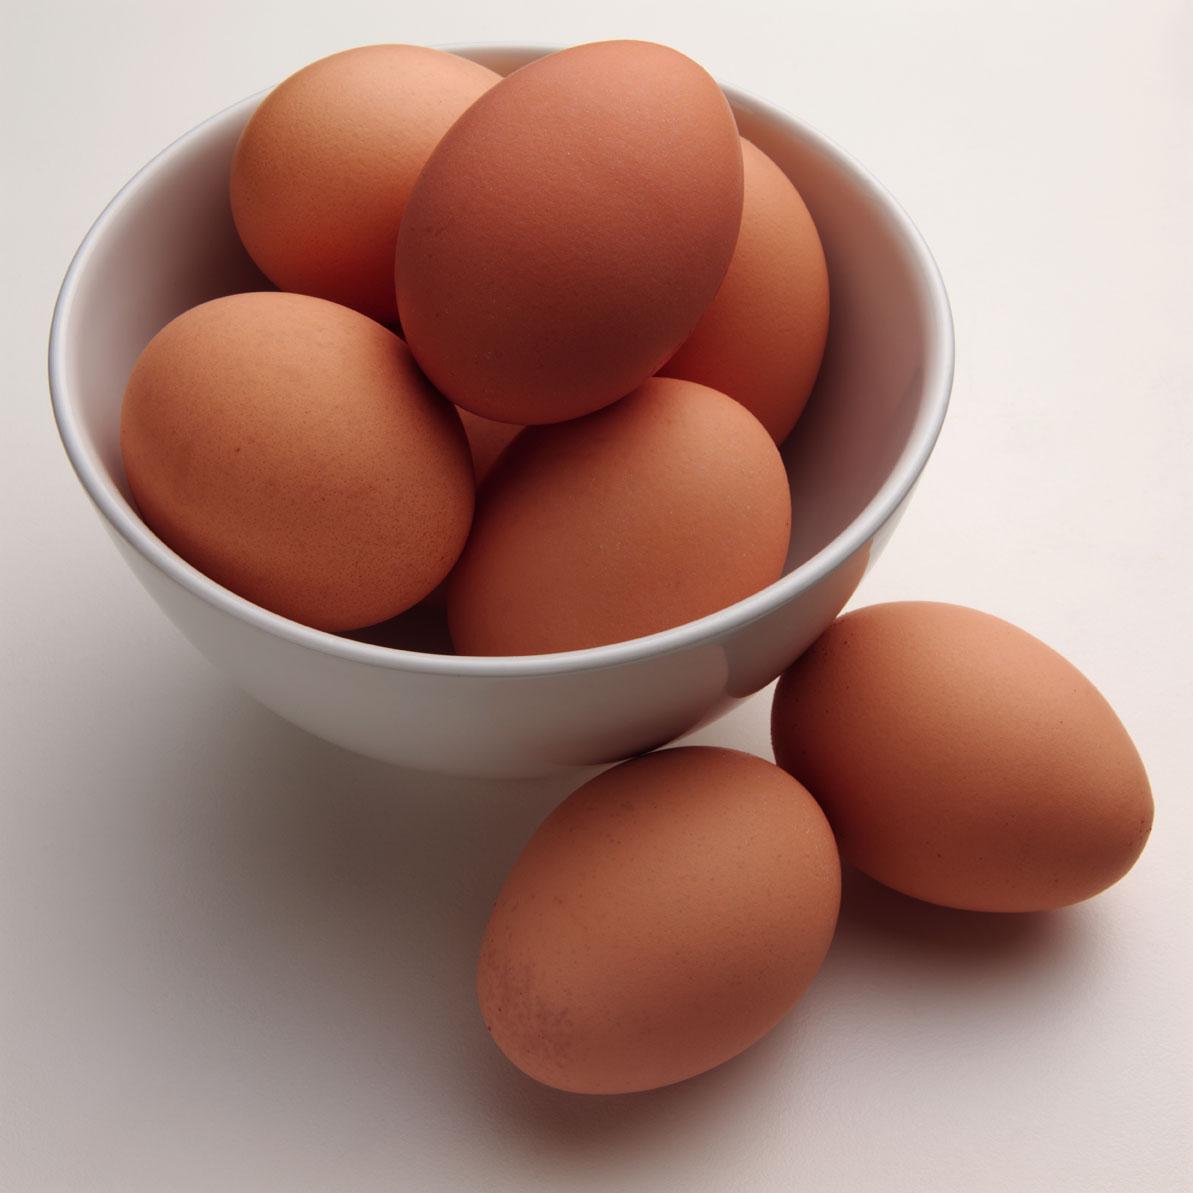 Ποσα αυγά μπορούμε να τρώμε;